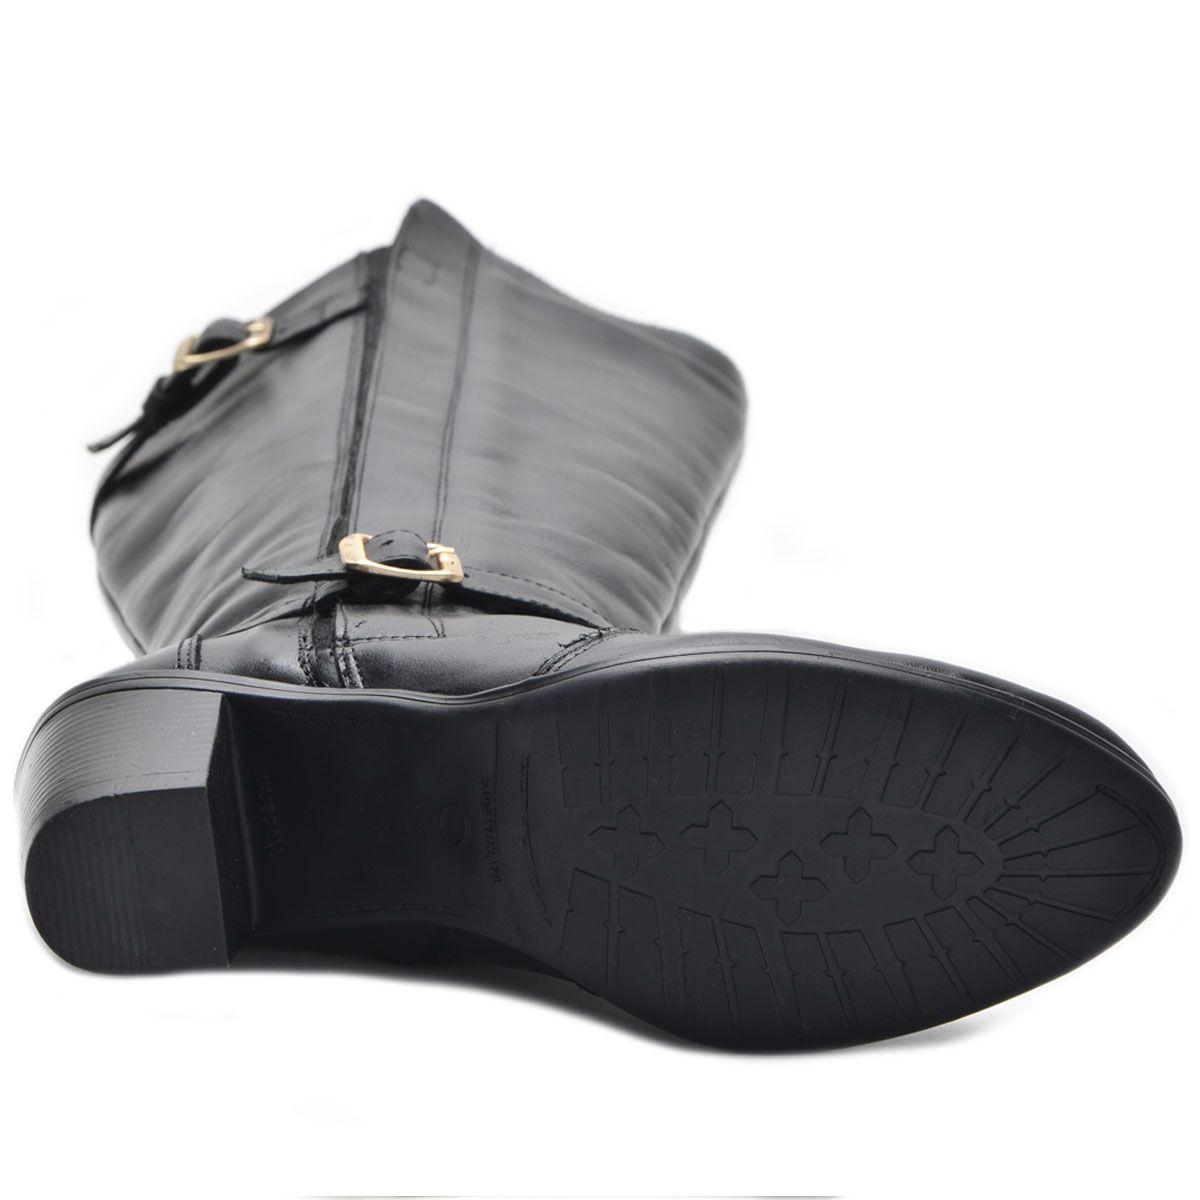 Bota cano alto em couro legítimo na cor preta 9206